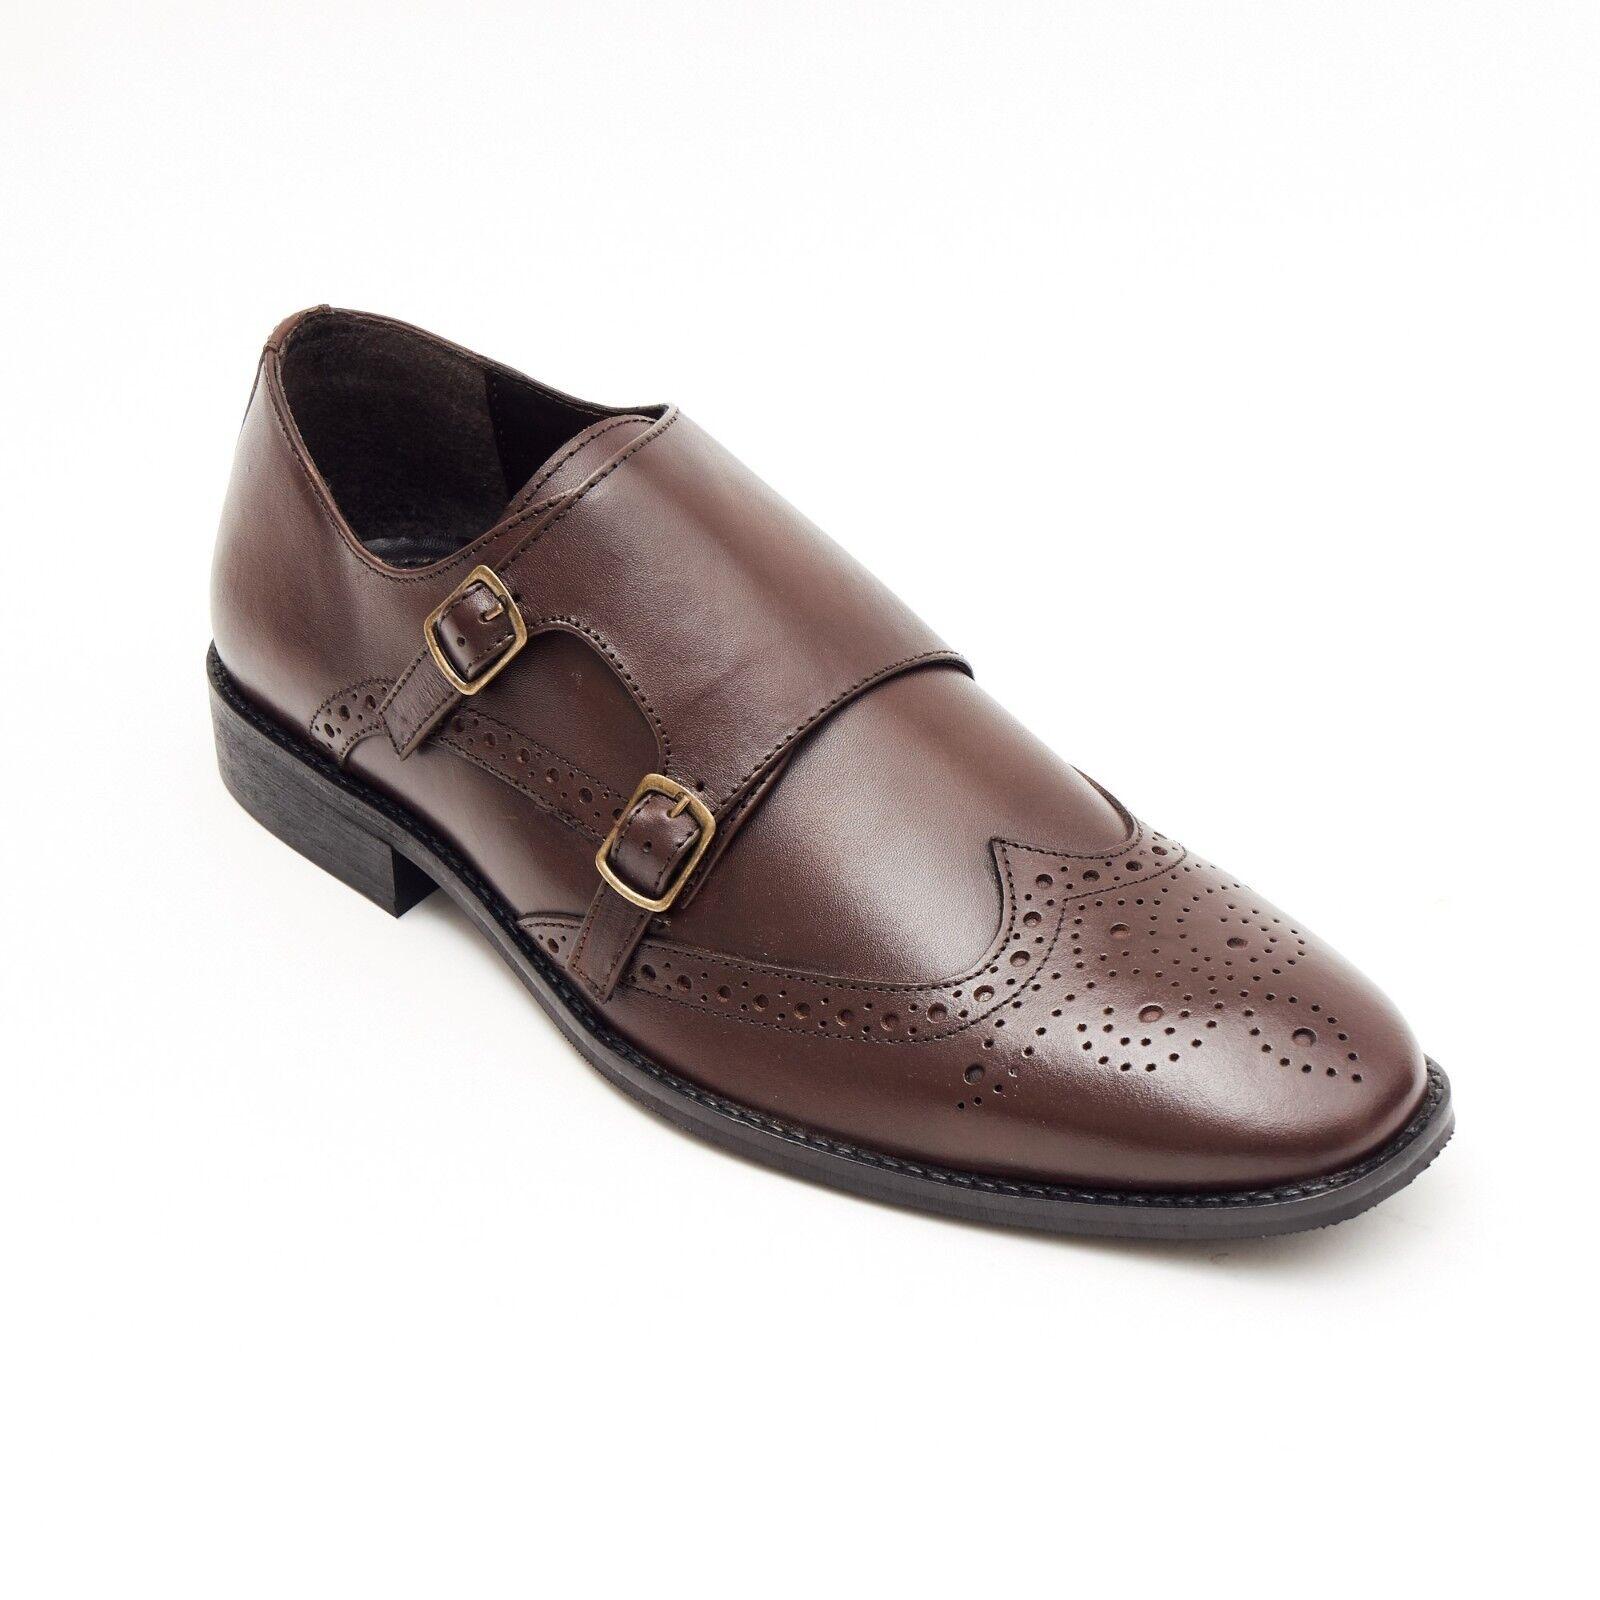 Lucini Formelle Hommes en Cuir Marron Richelieu à Formel Talons Boucle Chaussures Mariage Bureau